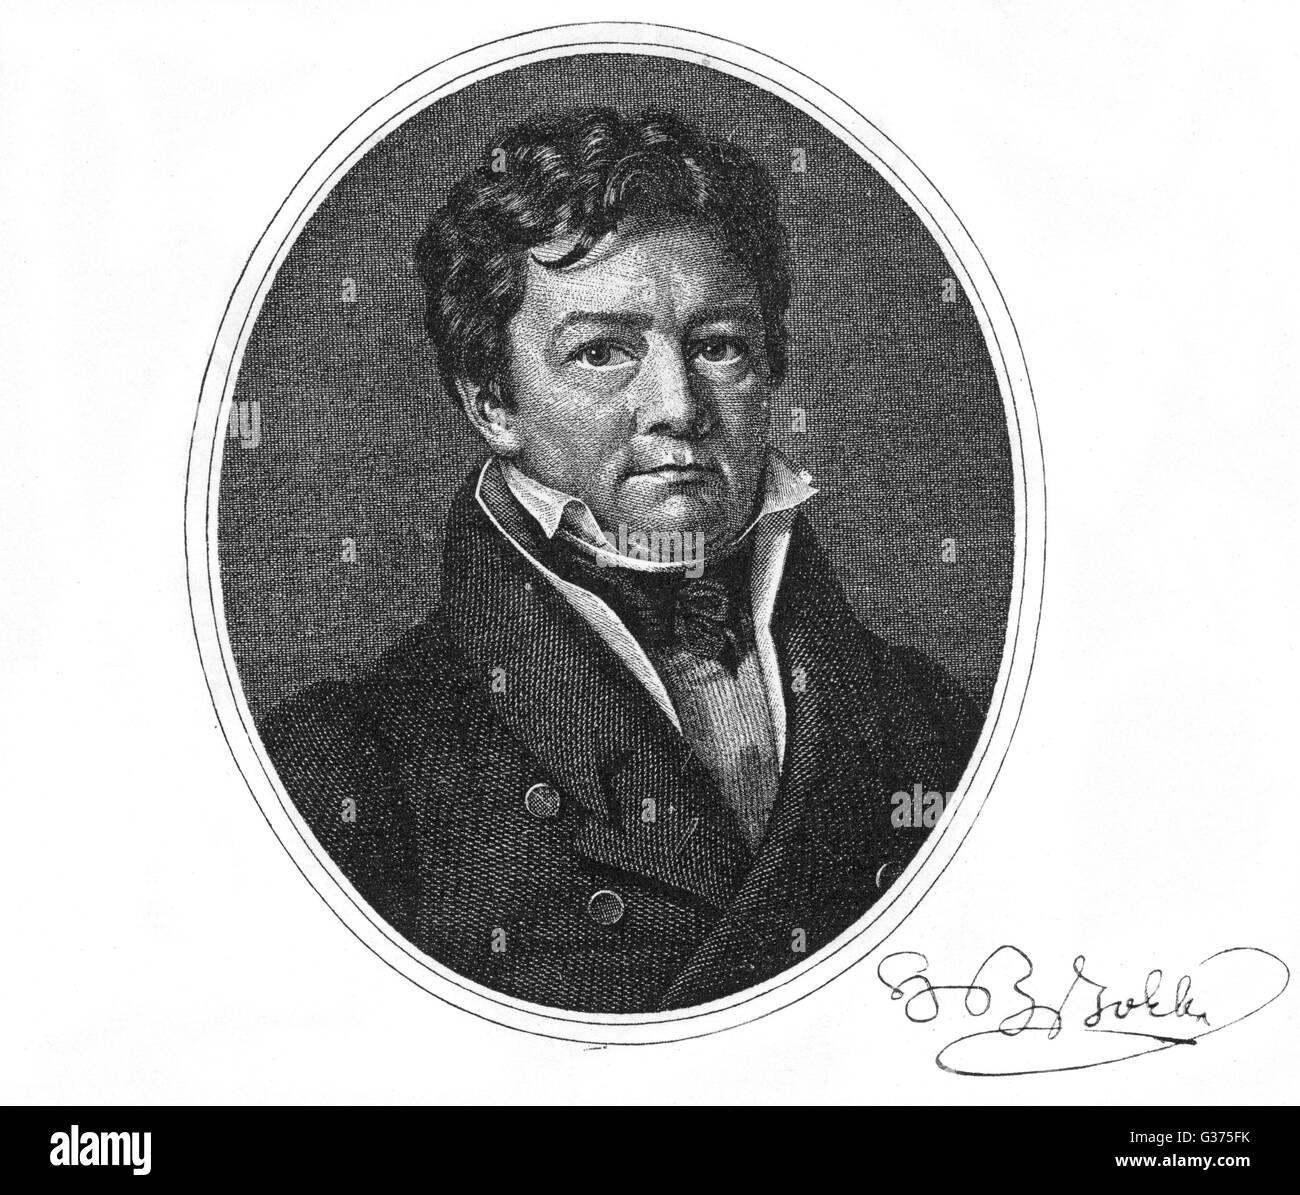 HEINRICH ZSCHOKKE German writer         Date: 1771 - 1848 Stock Photo